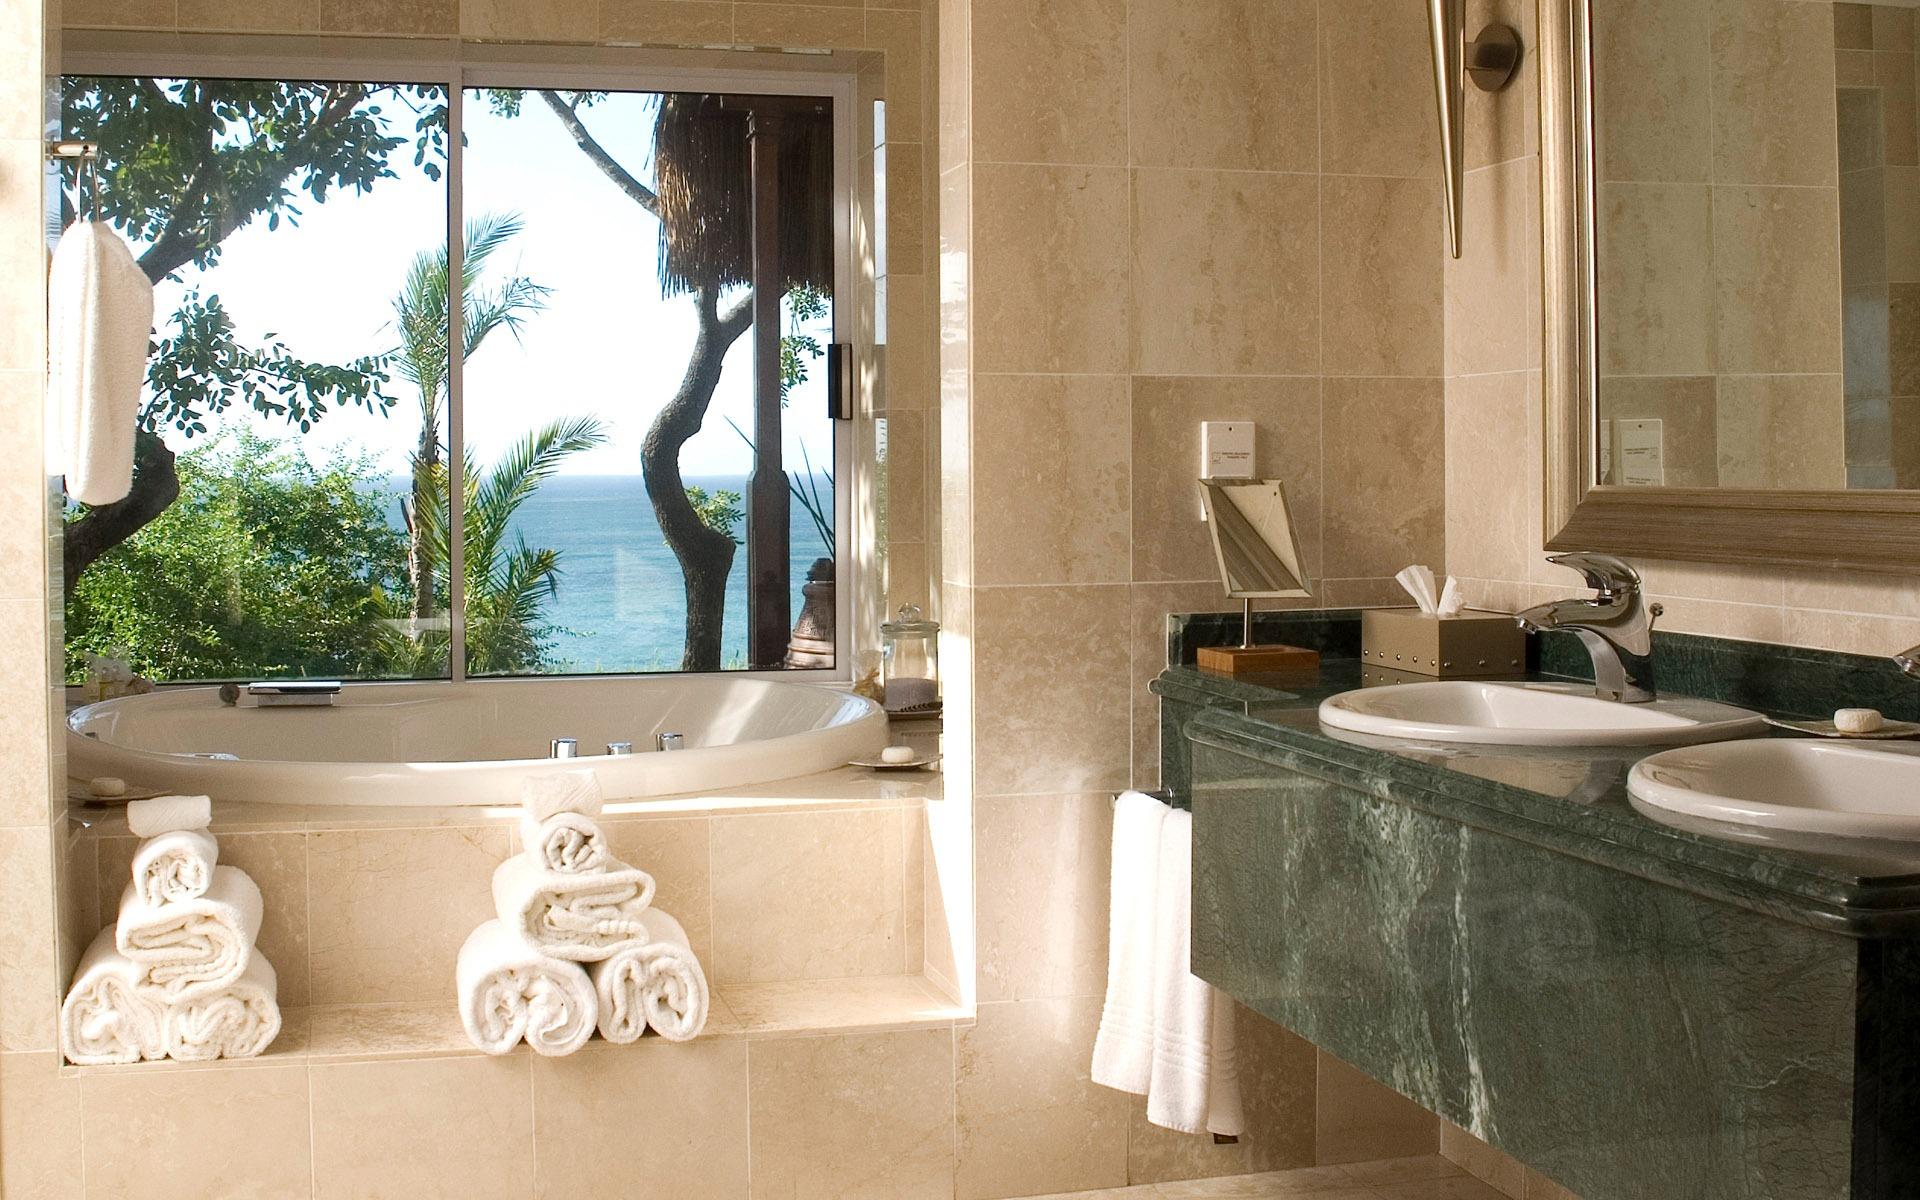 fond d 39 cran photo salle de bain 3 20 1920x1200 fond d 39 cran t l charger fond d 39 cran. Black Bedroom Furniture Sets. Home Design Ideas